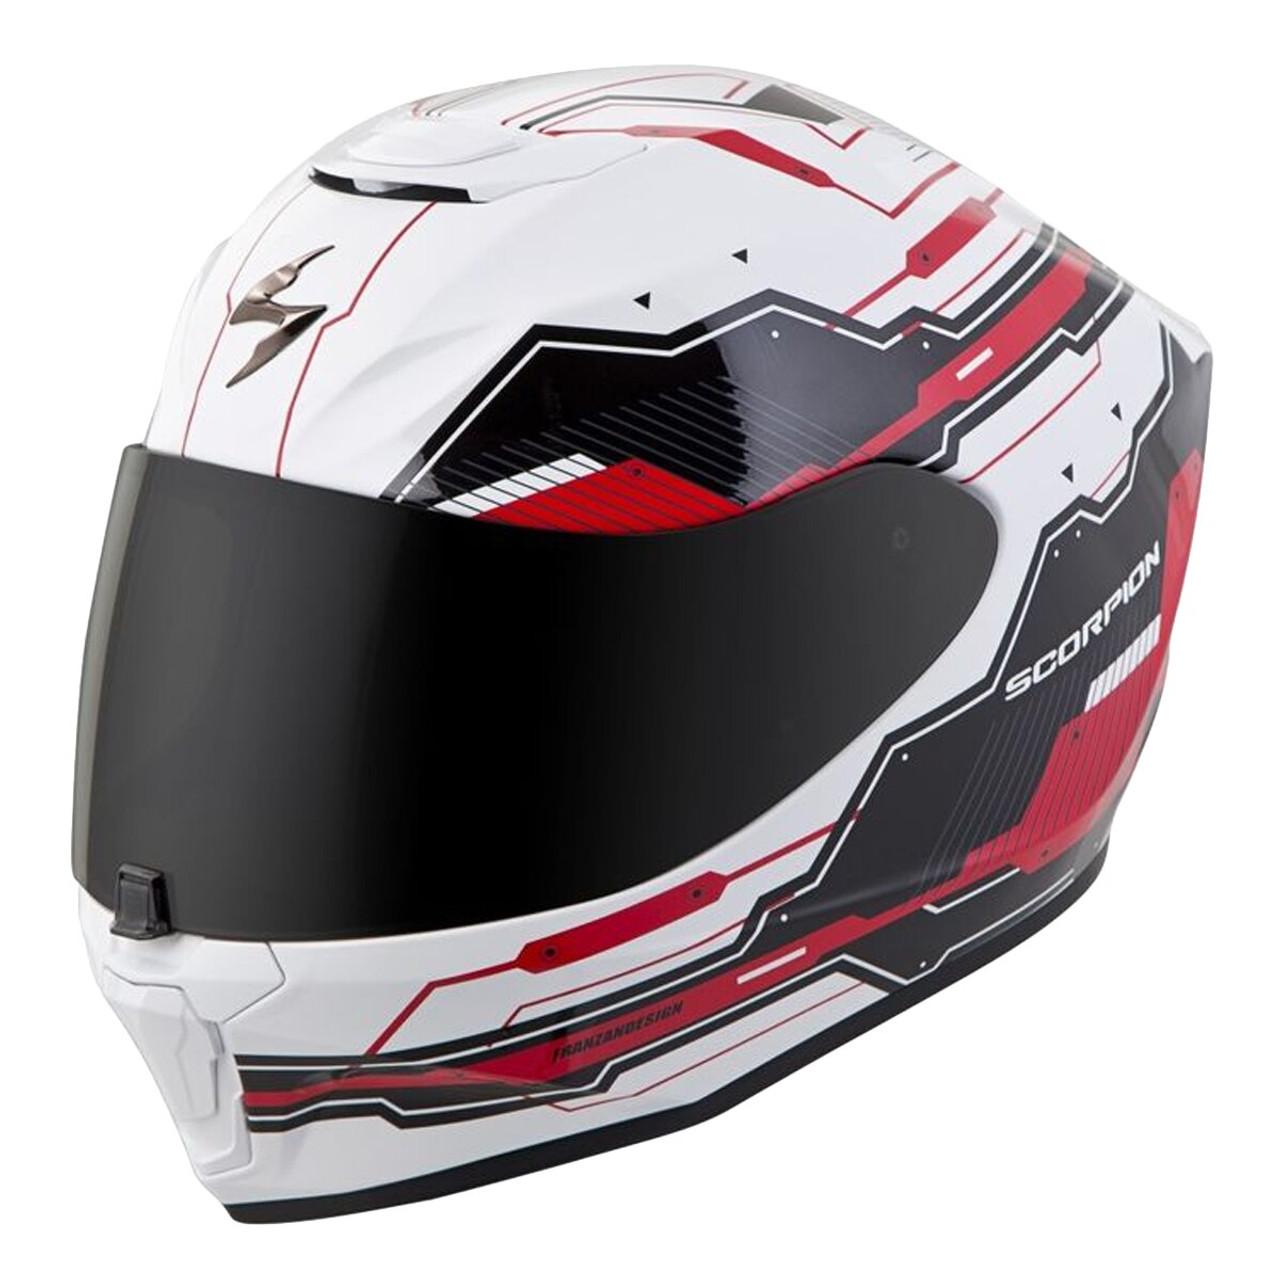 Scorpion Kwikwick EXO-R410 Liner Street Motorcycle Helmet Accessories Grey//Small